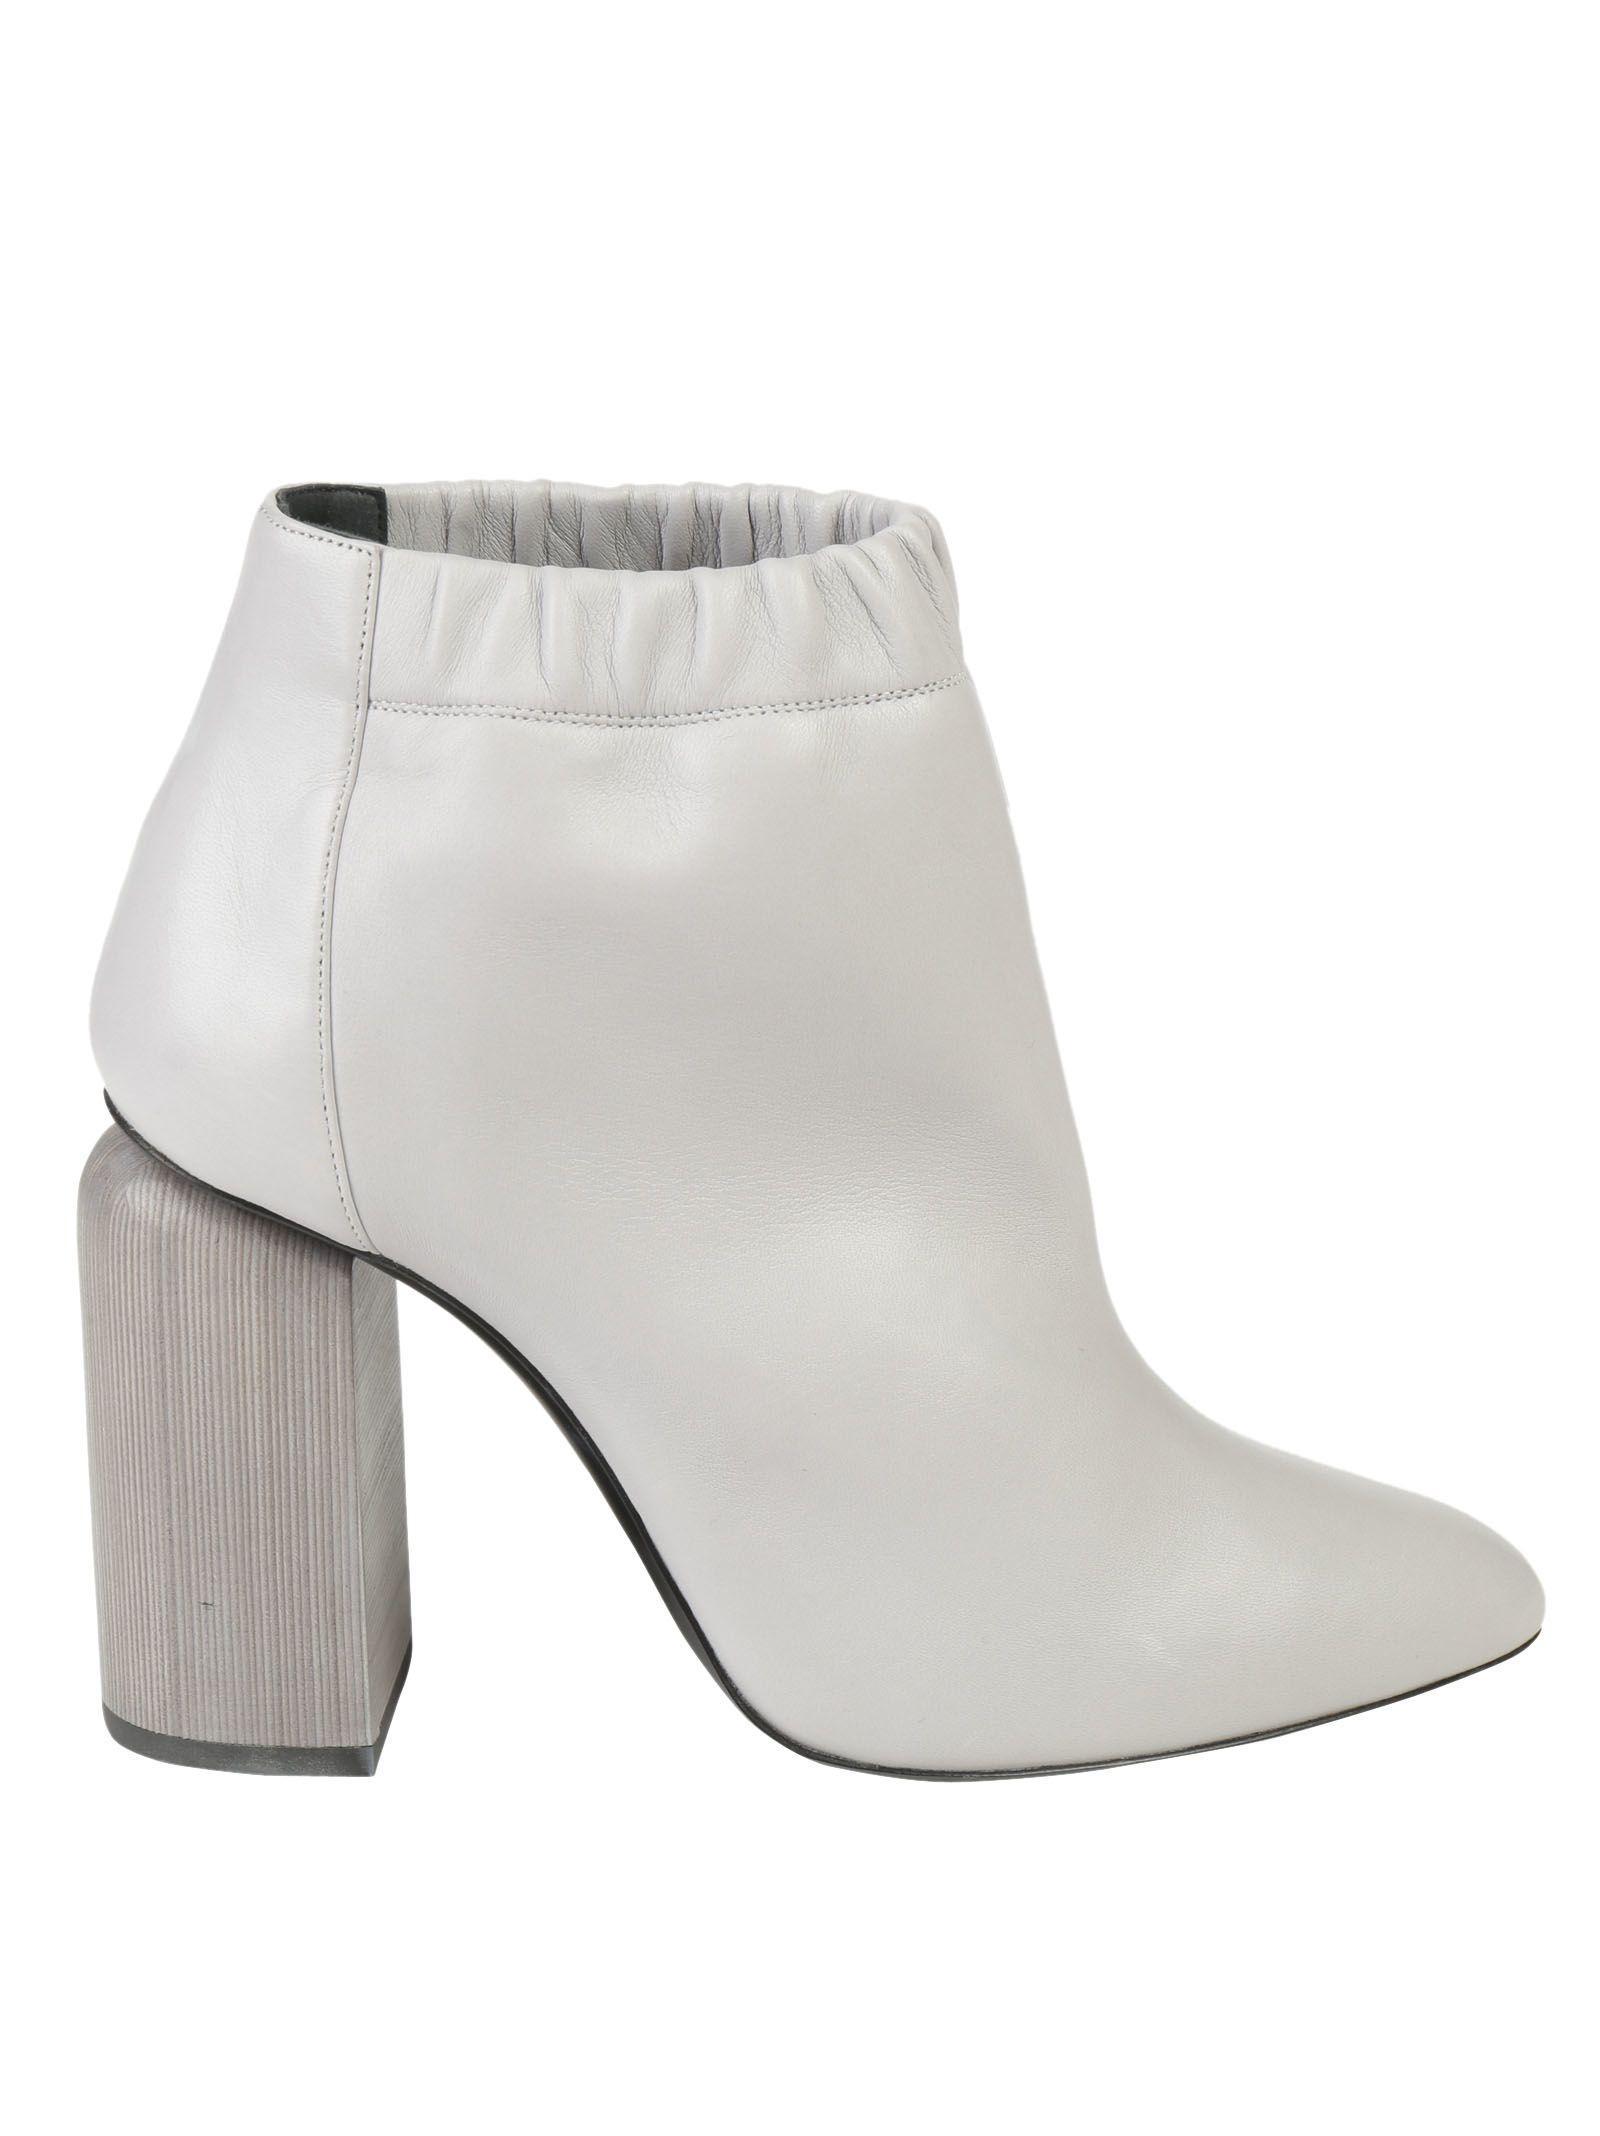 Pierre Hardy Flex Ankle Boots In Grey